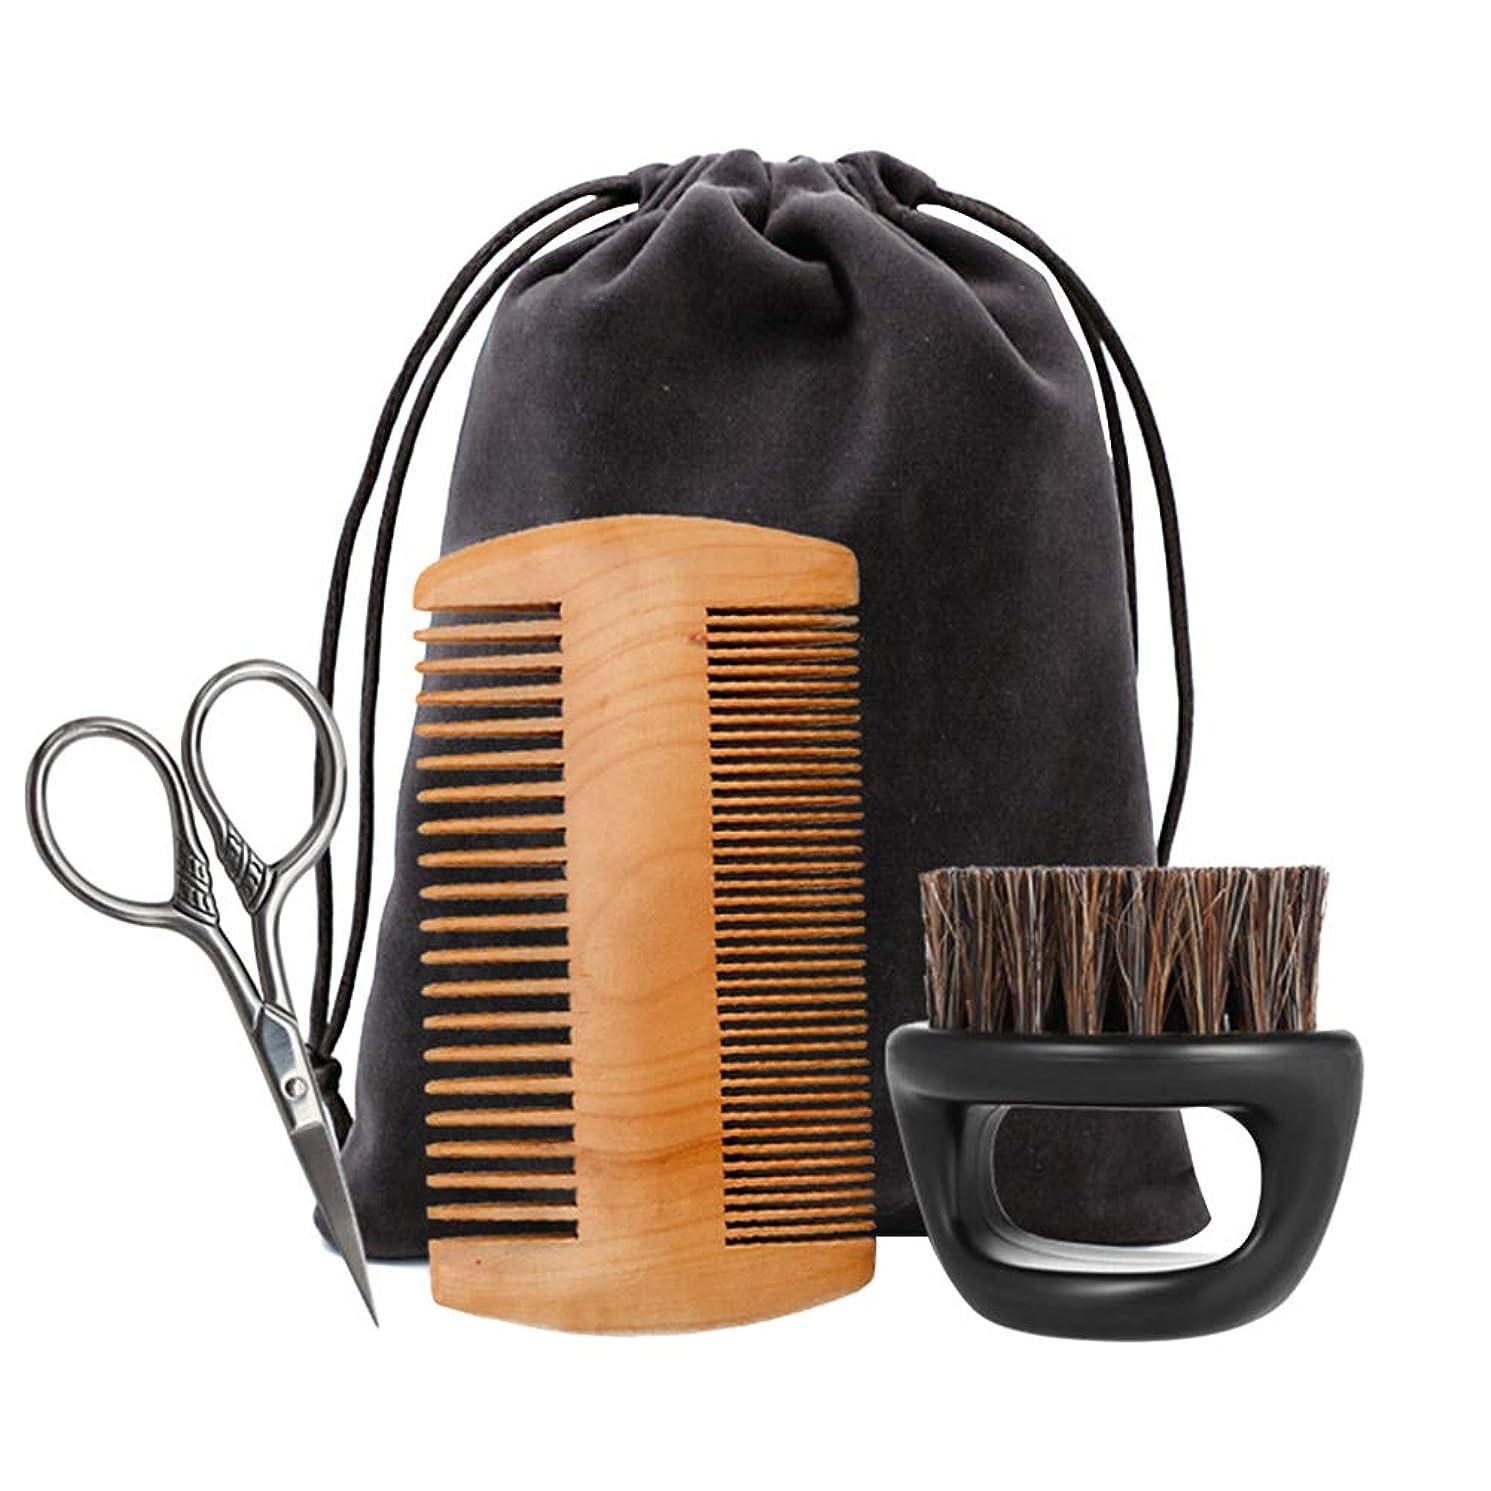 段階解明するリークLurrose 髭ケアグルーミングキットギフトセットエッセンシャルオイルとシザーコーム剛毛ブラシ1セット